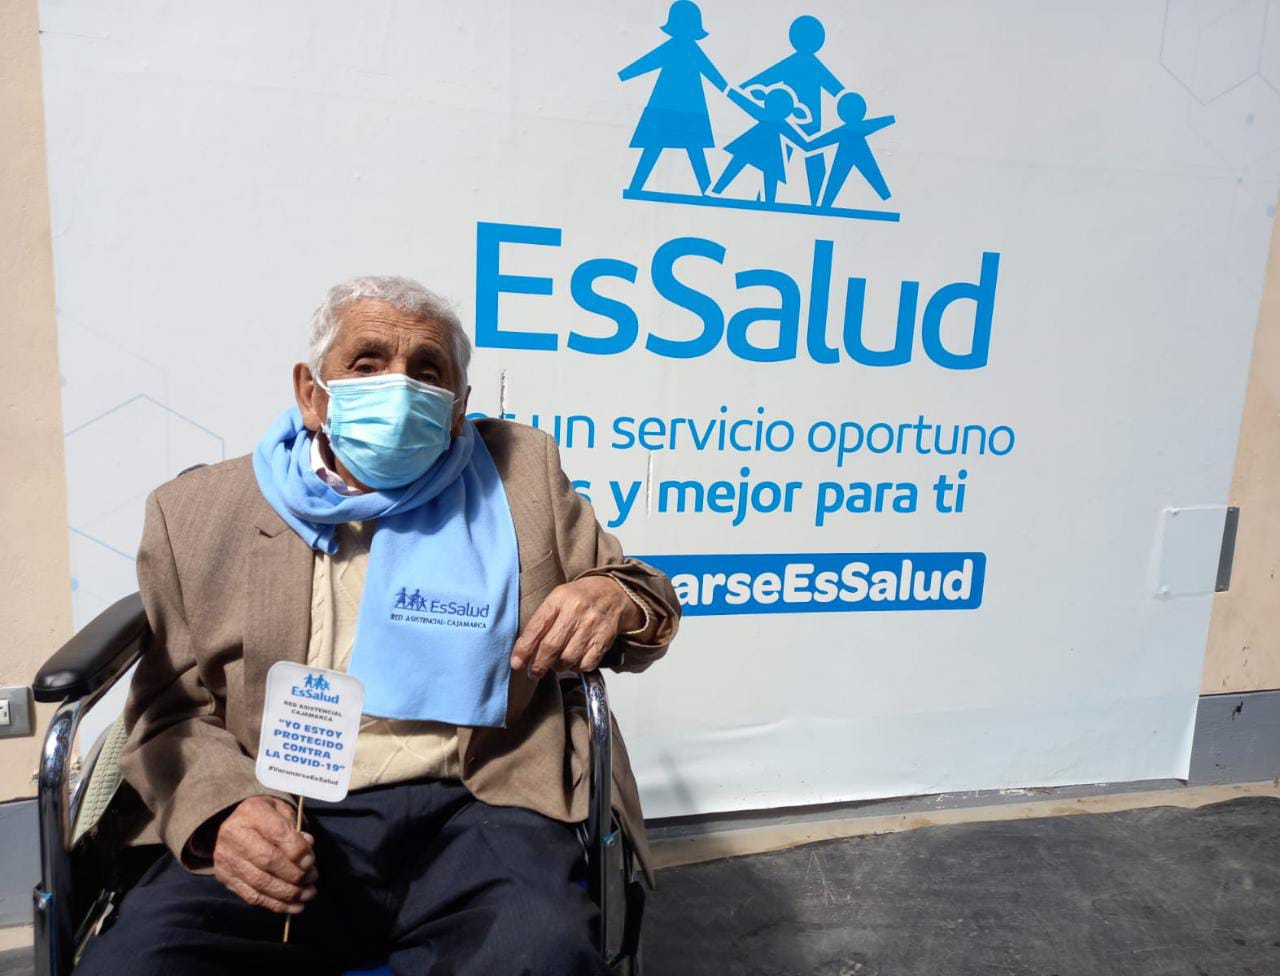 Essalud - Tatarabuelo de 102 años recibe segunda dosis contra la Covid-19 y lo hace al ritmo del carnaval cajamarquino